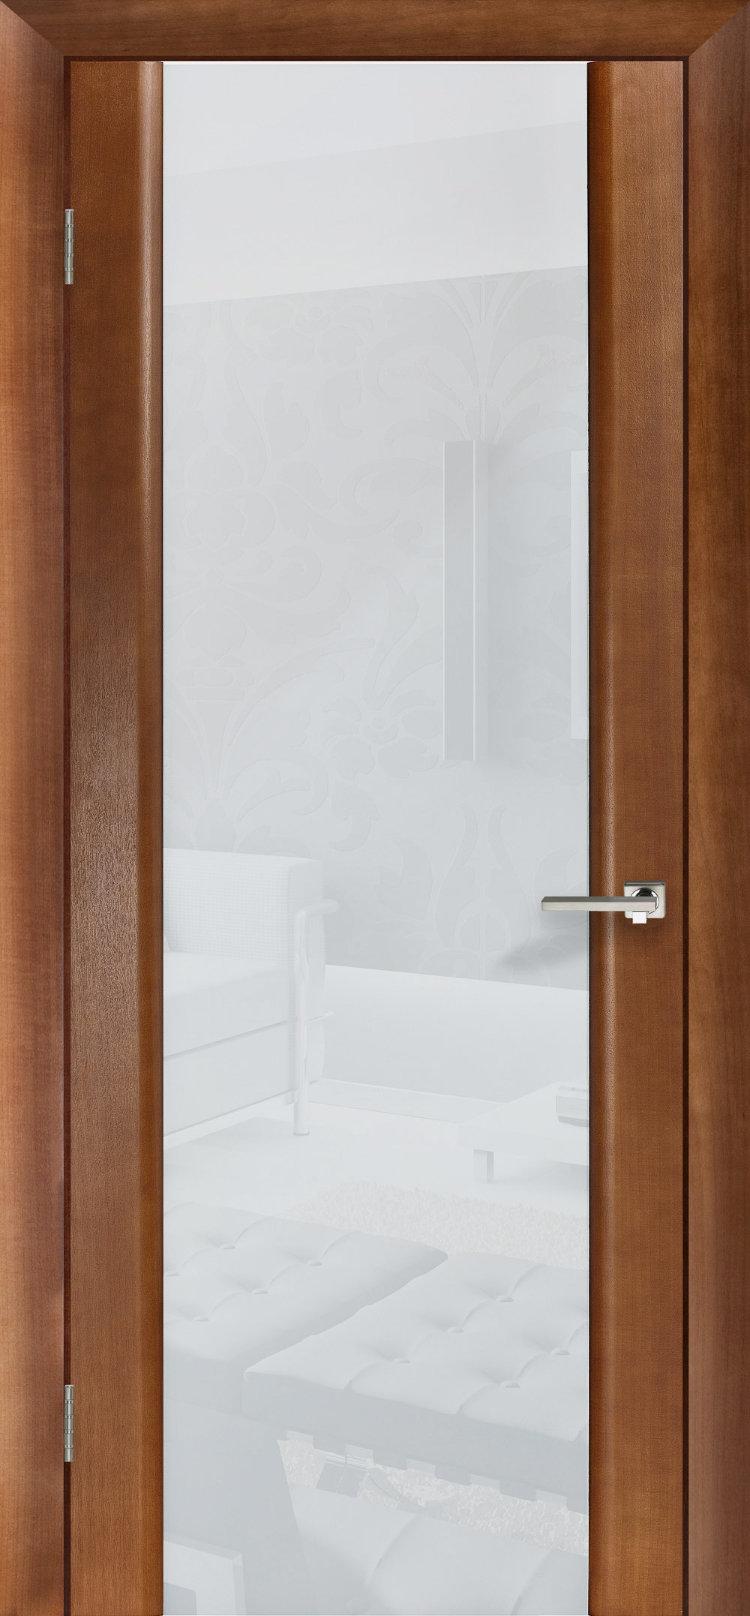 как затемнить стекло в межкомнатной двери гарантию лучшей